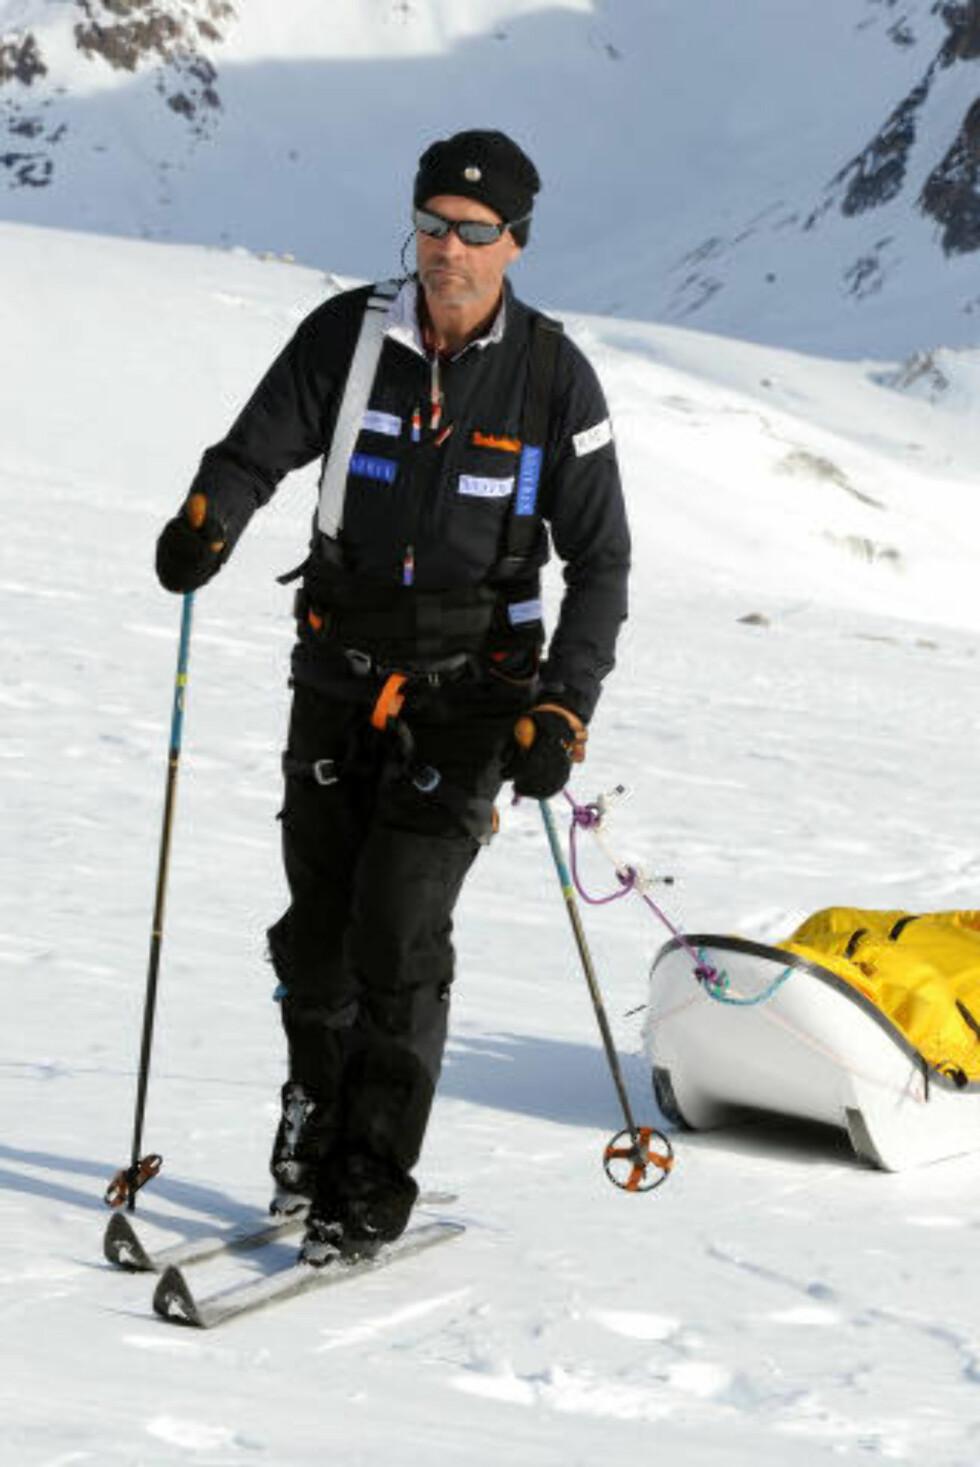 PÅ TUR:  Henry Worsley opå en av sine tidligere Antarktis-ekspedisjoner i 2008. Foto: John Stillwell, Press Associaton/NTB Scanpix.